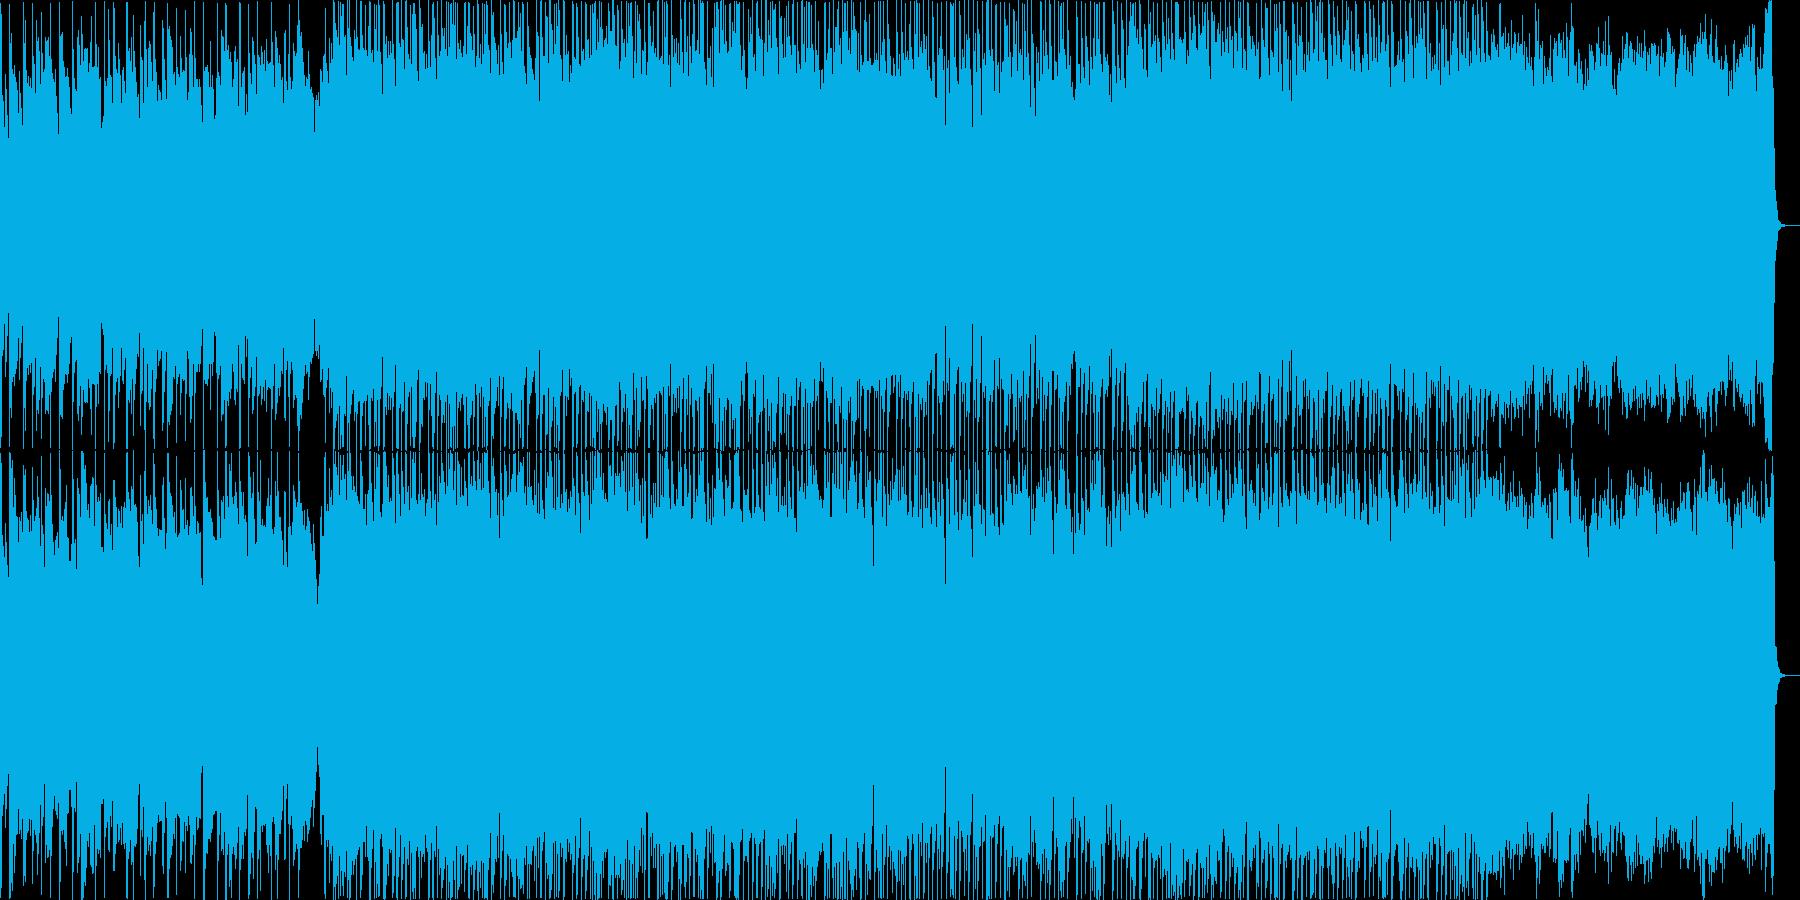 懐かしく温まるアコースティック主調の楽曲の再生済みの波形